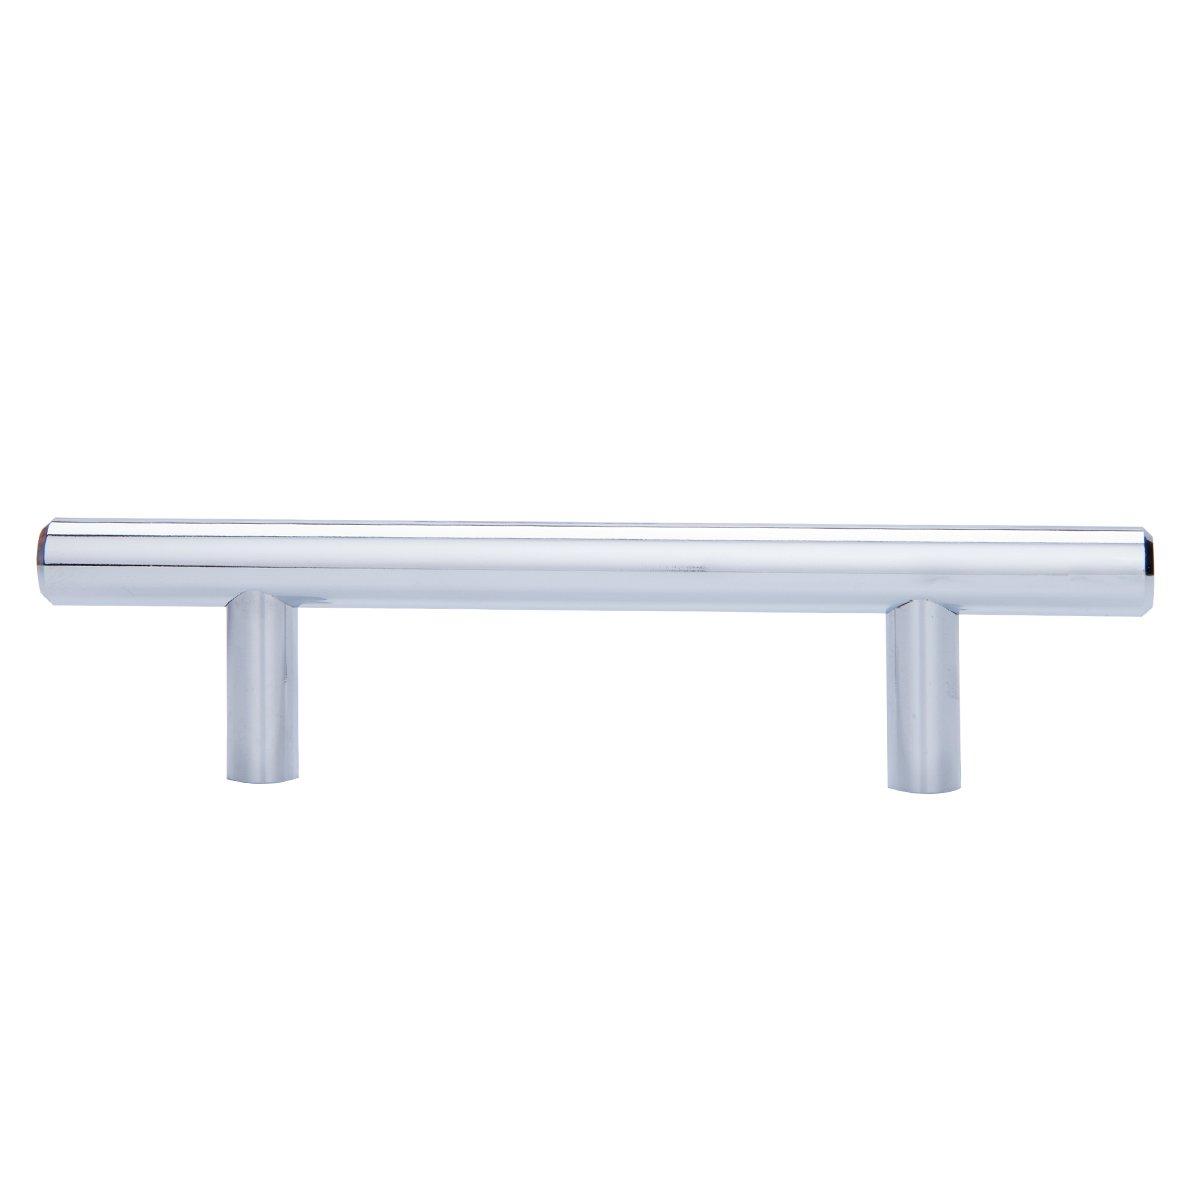 N/íquel satinado Satin Nickel tipo europeo Basics AB1504-SN-10 Tirador de armario en forma de barra centro del orificio de 12,7 cm 18,74 cm de longitud